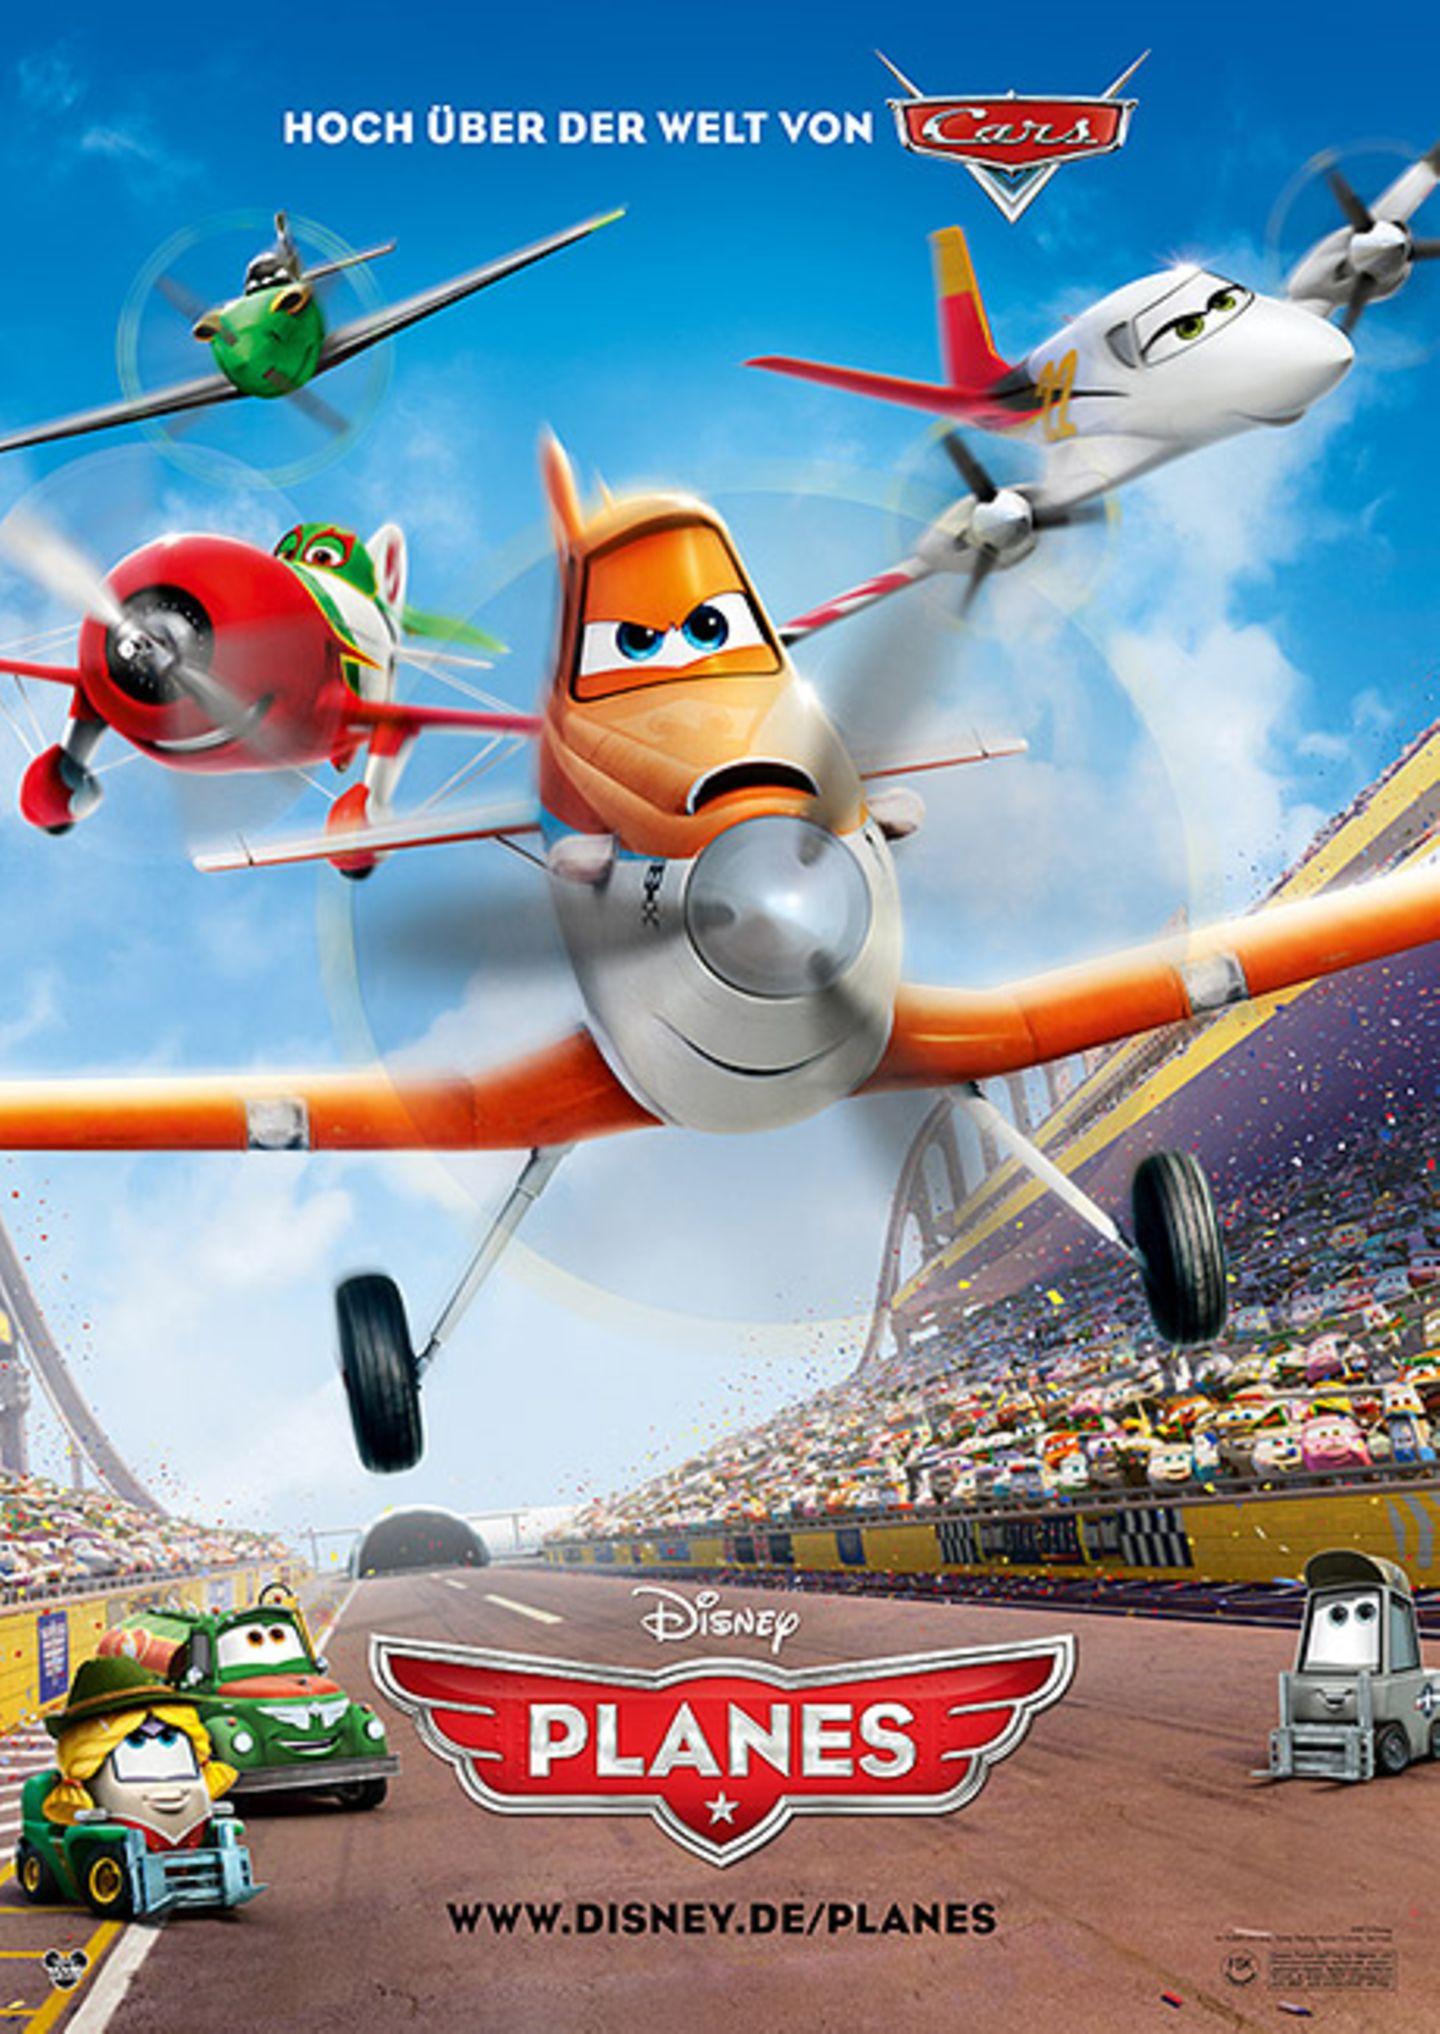 Kino: Kinotipp: Planes - Bild 2